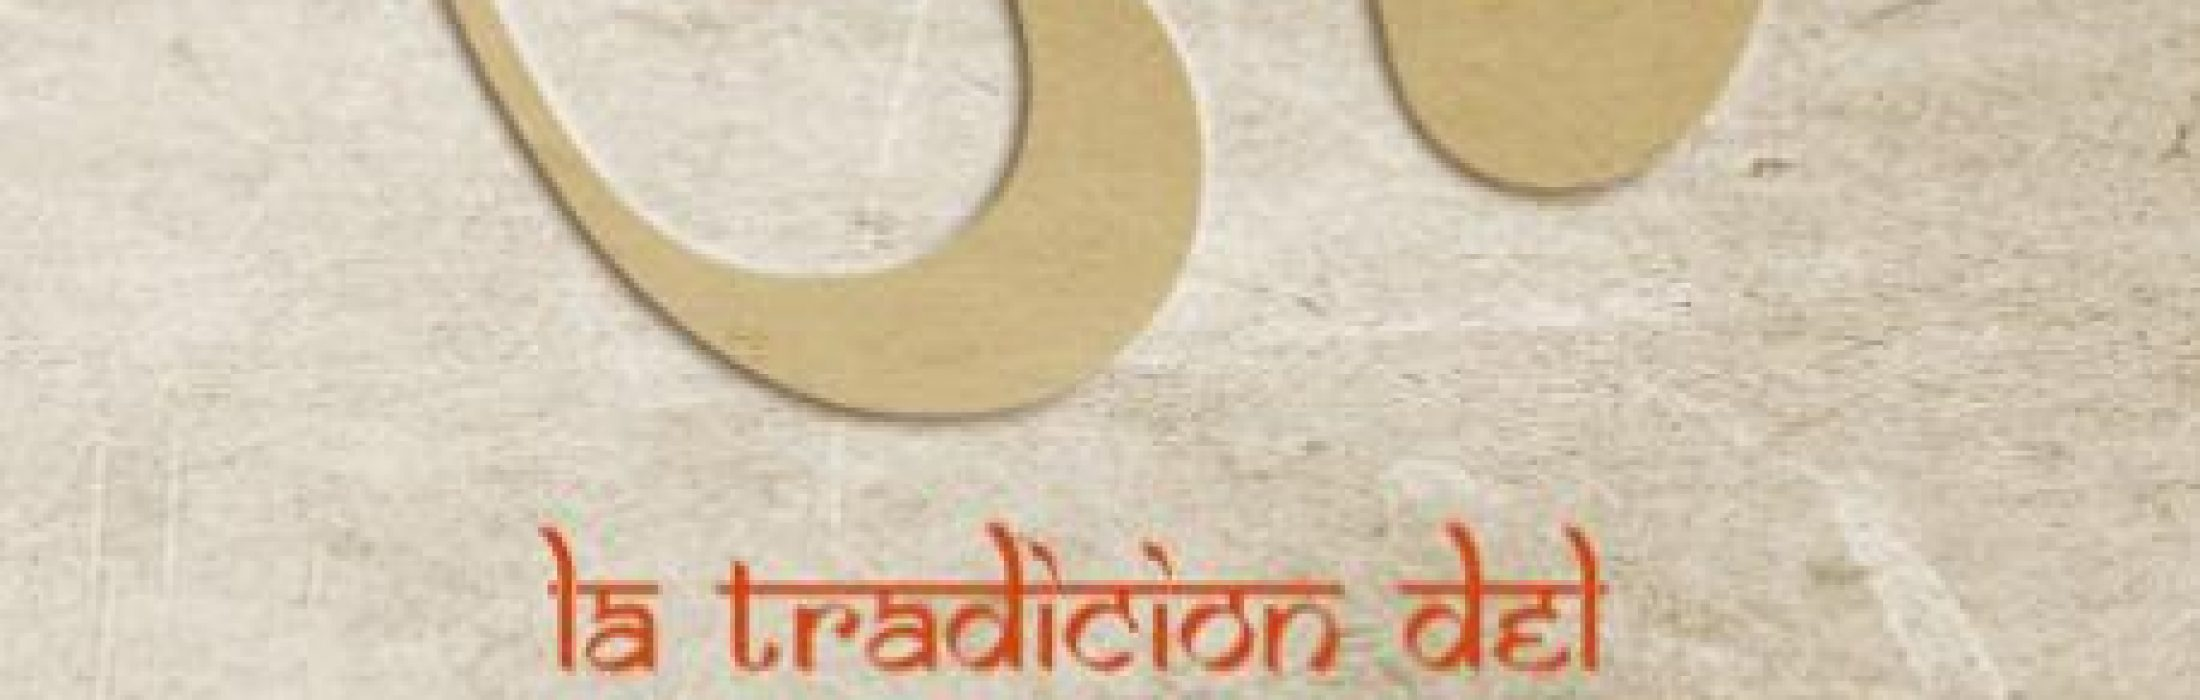 La Tradición del Yoga